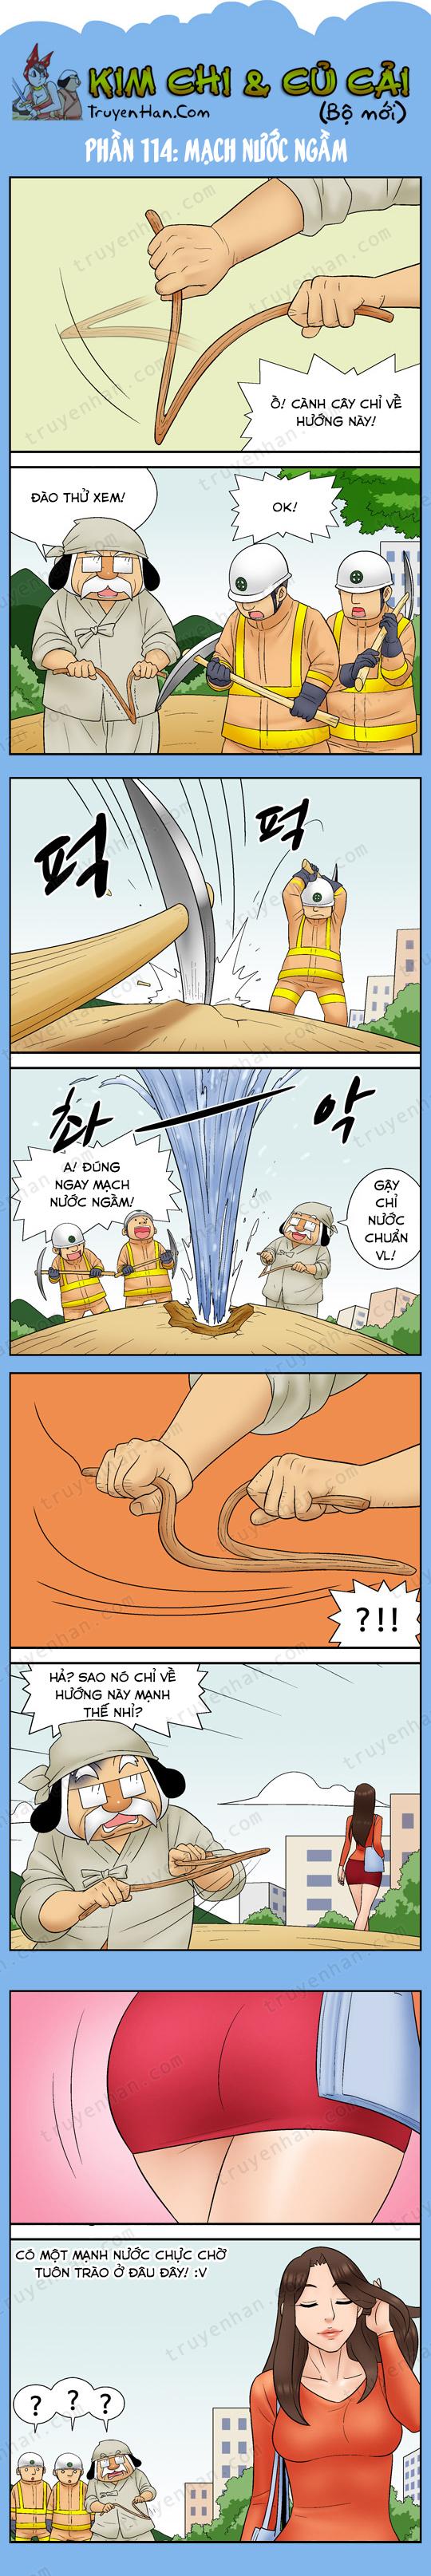 Kim Chi & Củ Cải (bộ mới) phần 114: Mạch nước ngầm